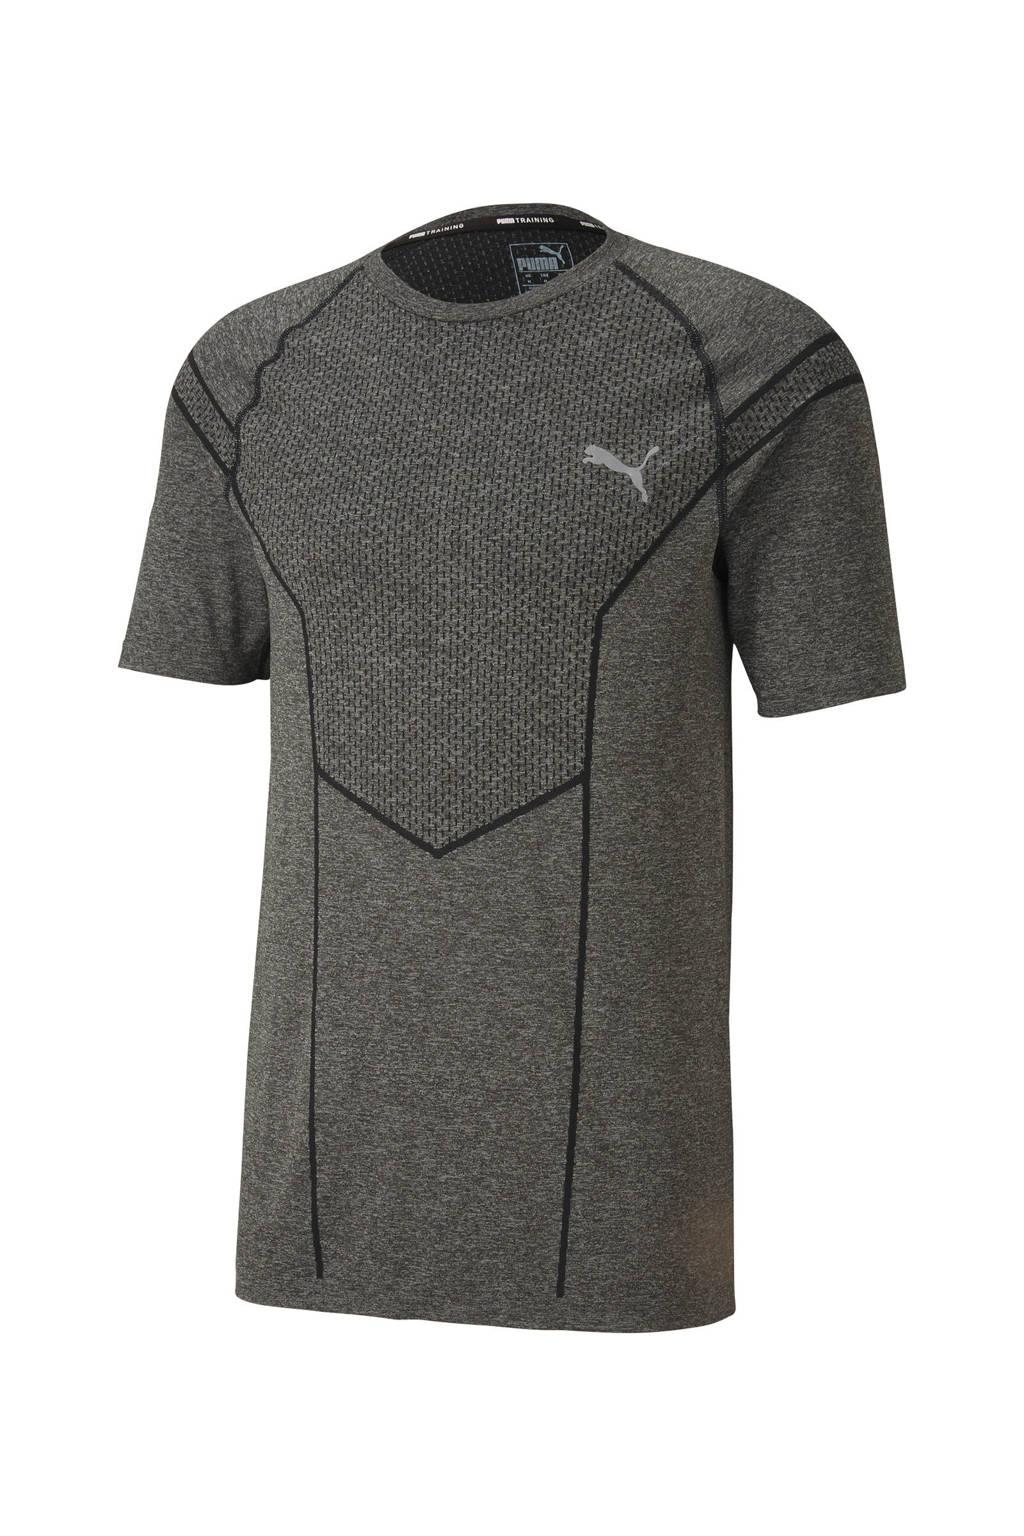 Puma   sport T-shirt grijs gemêleerd, Grijs gemêleerd